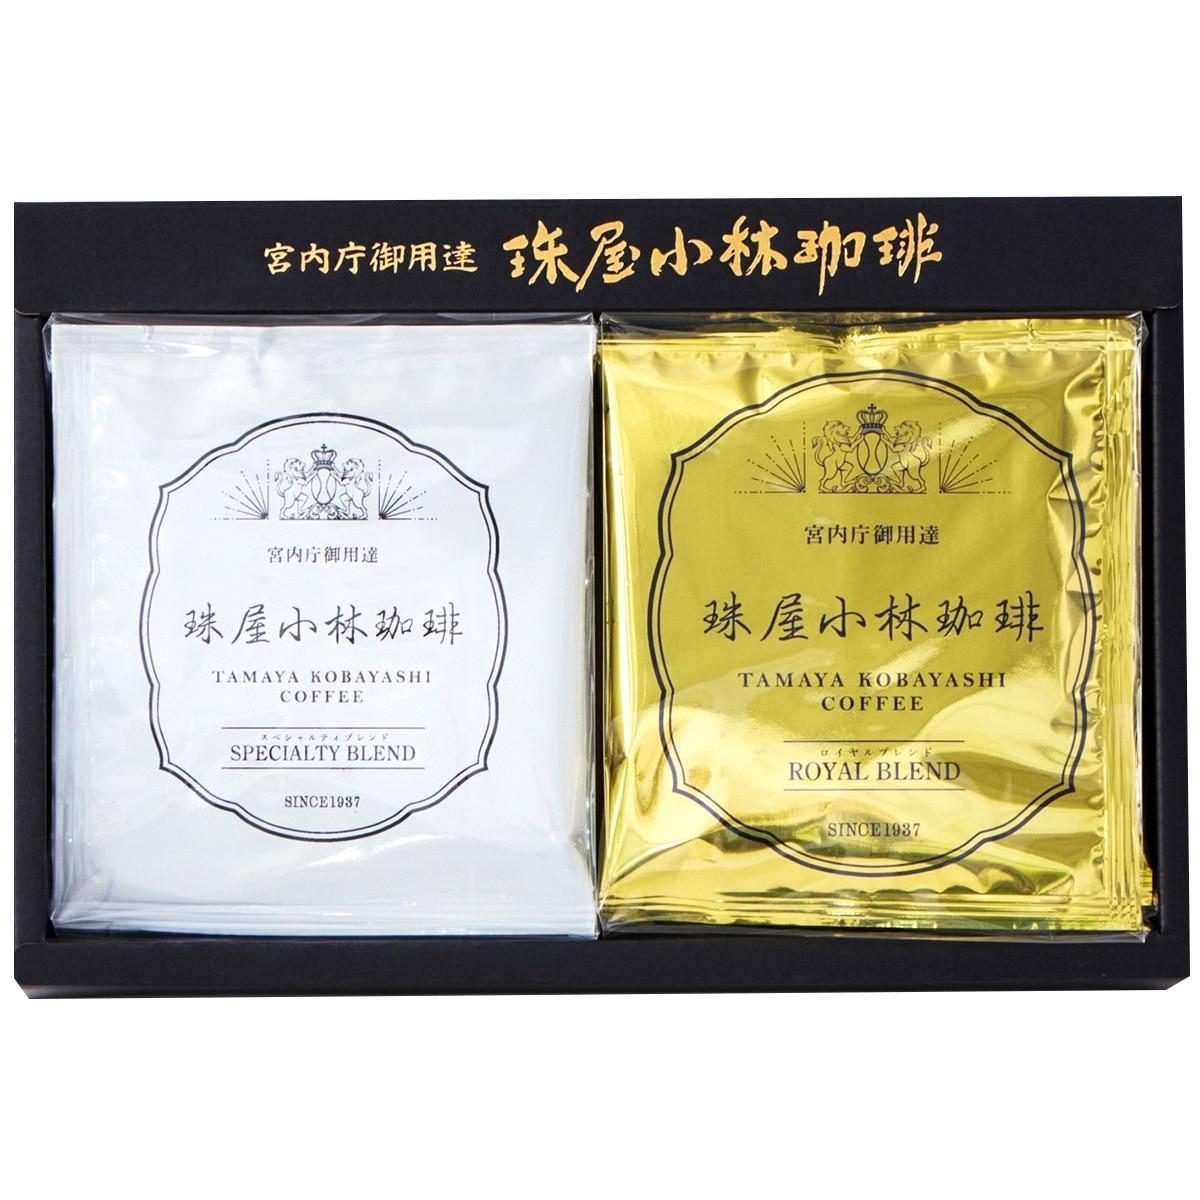 珠屋櫻山 (東京)ドリップコーヒーギフトセット2(宮内庁御用達 珠屋小林珈琲)